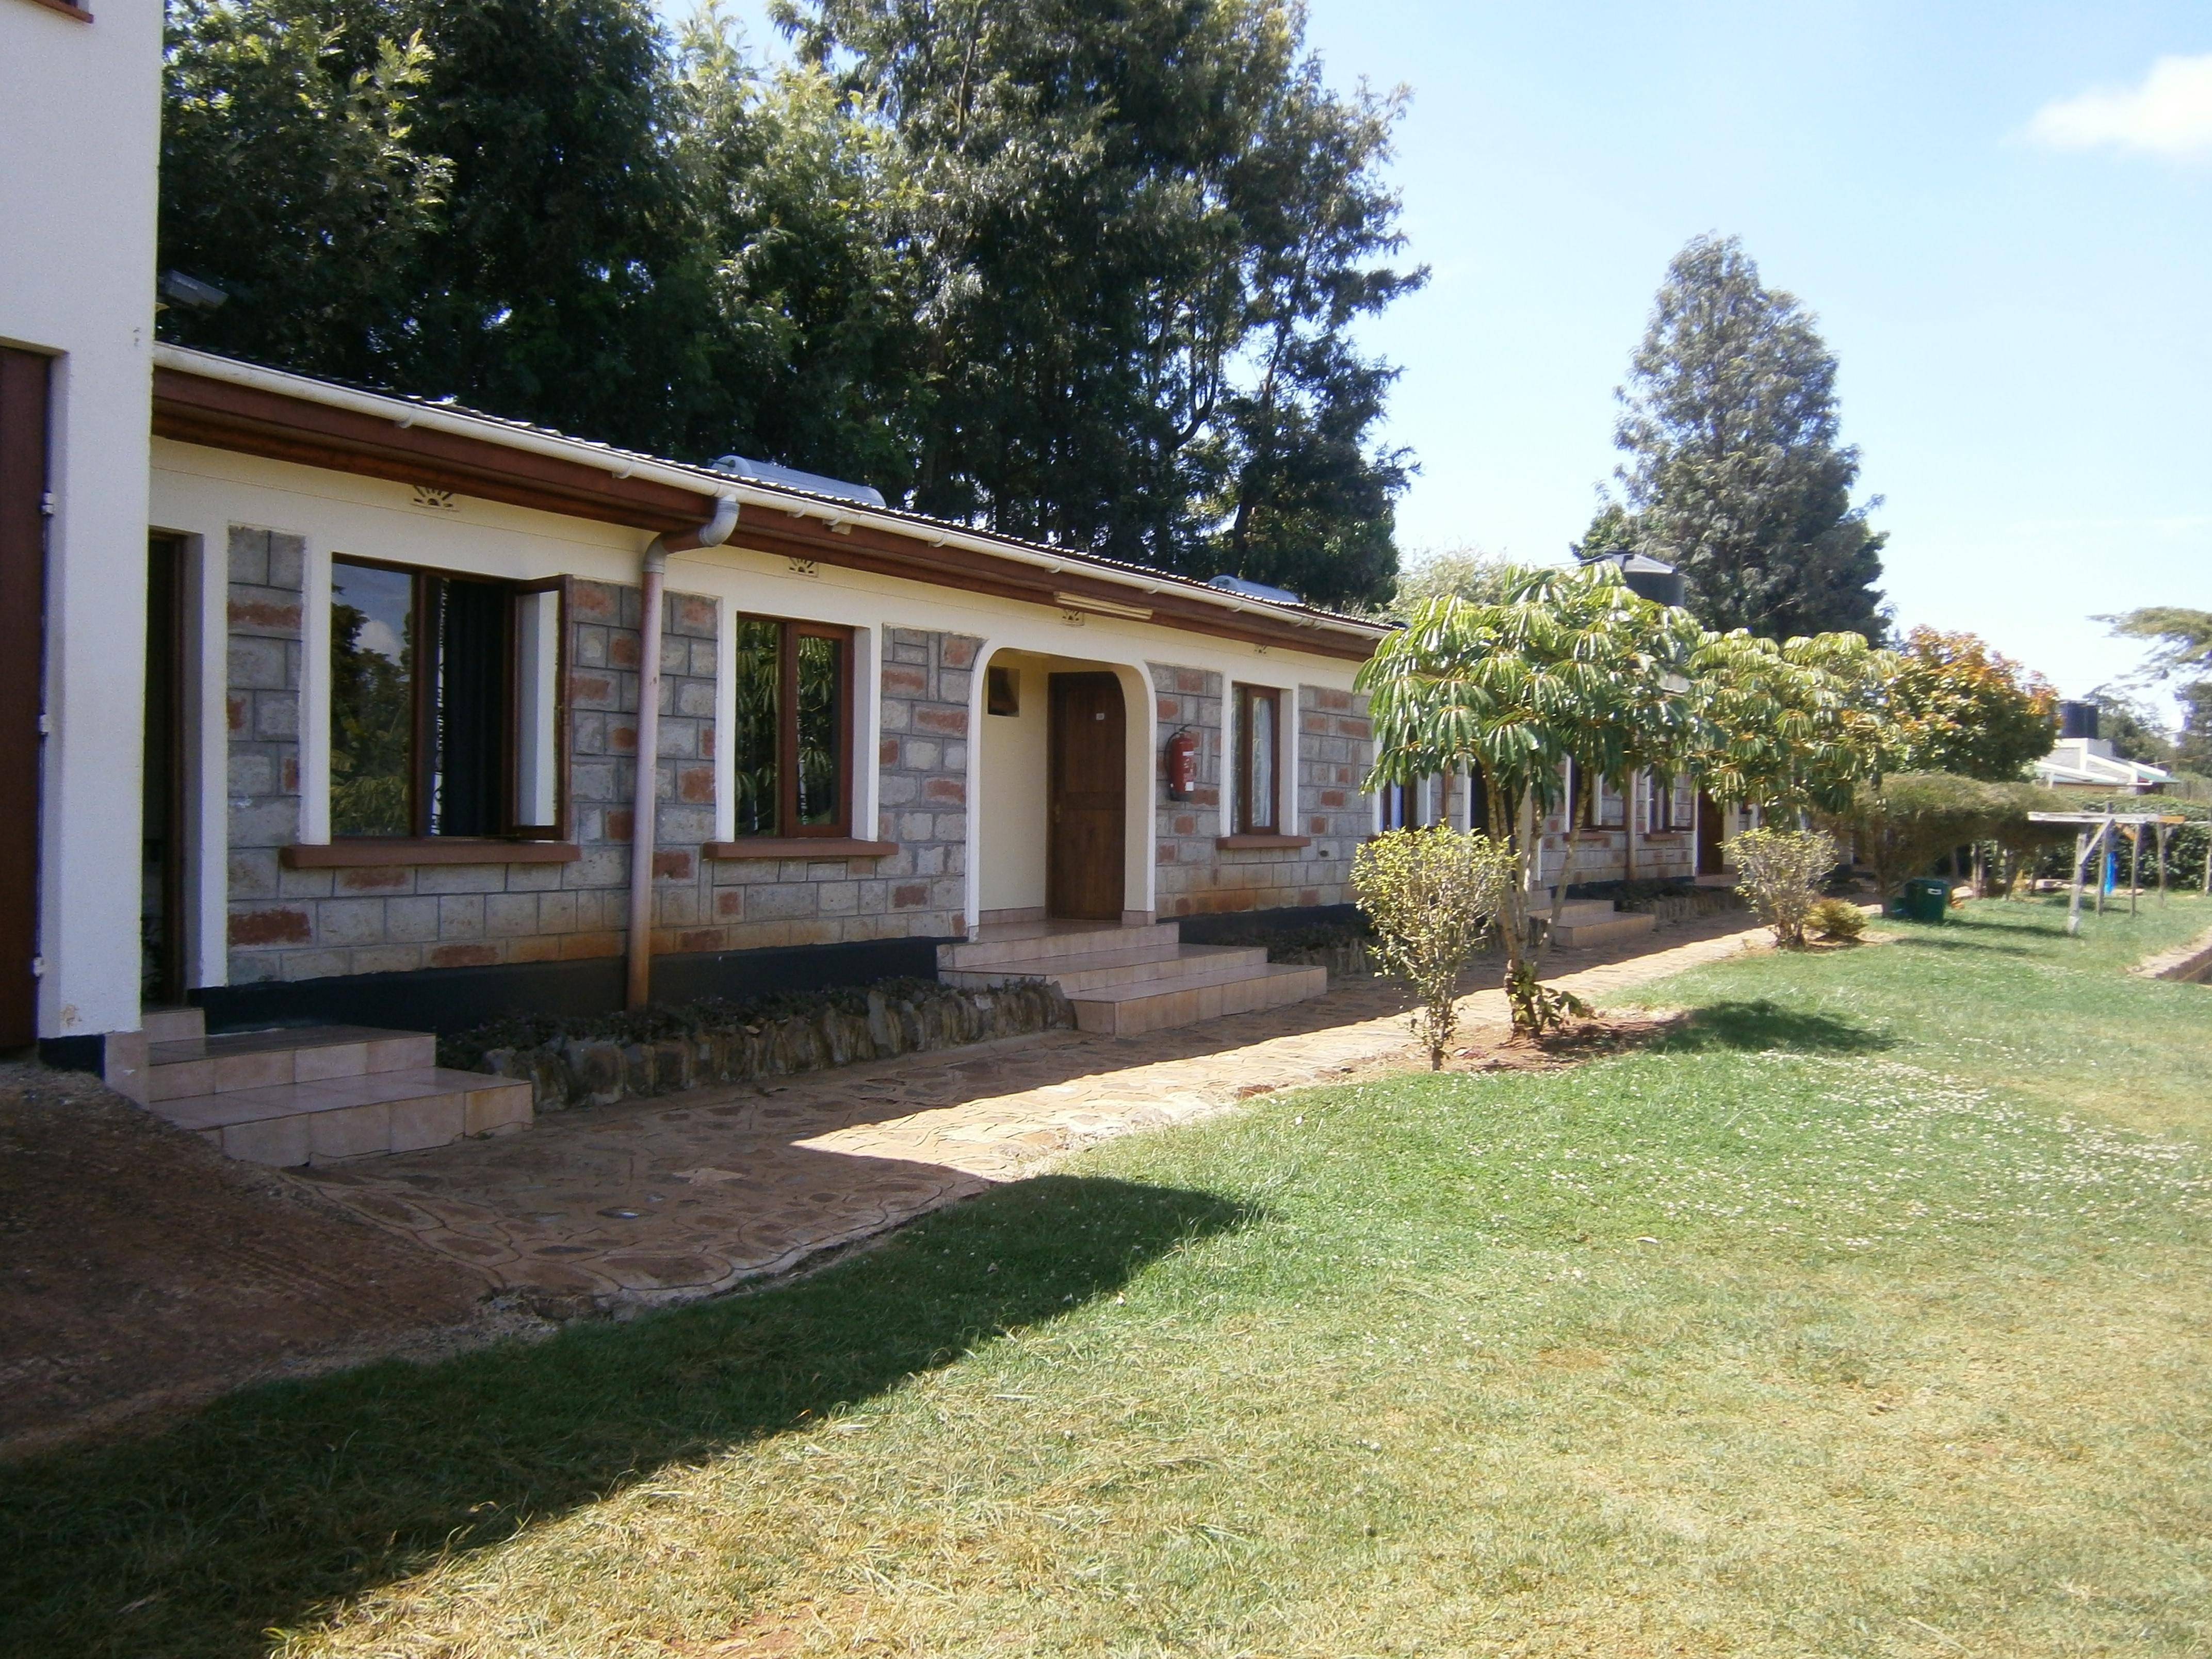 Voyage humanitaire AOUT 2014 – Rénovation de l'école ITEN PRIMARY SCHOOL